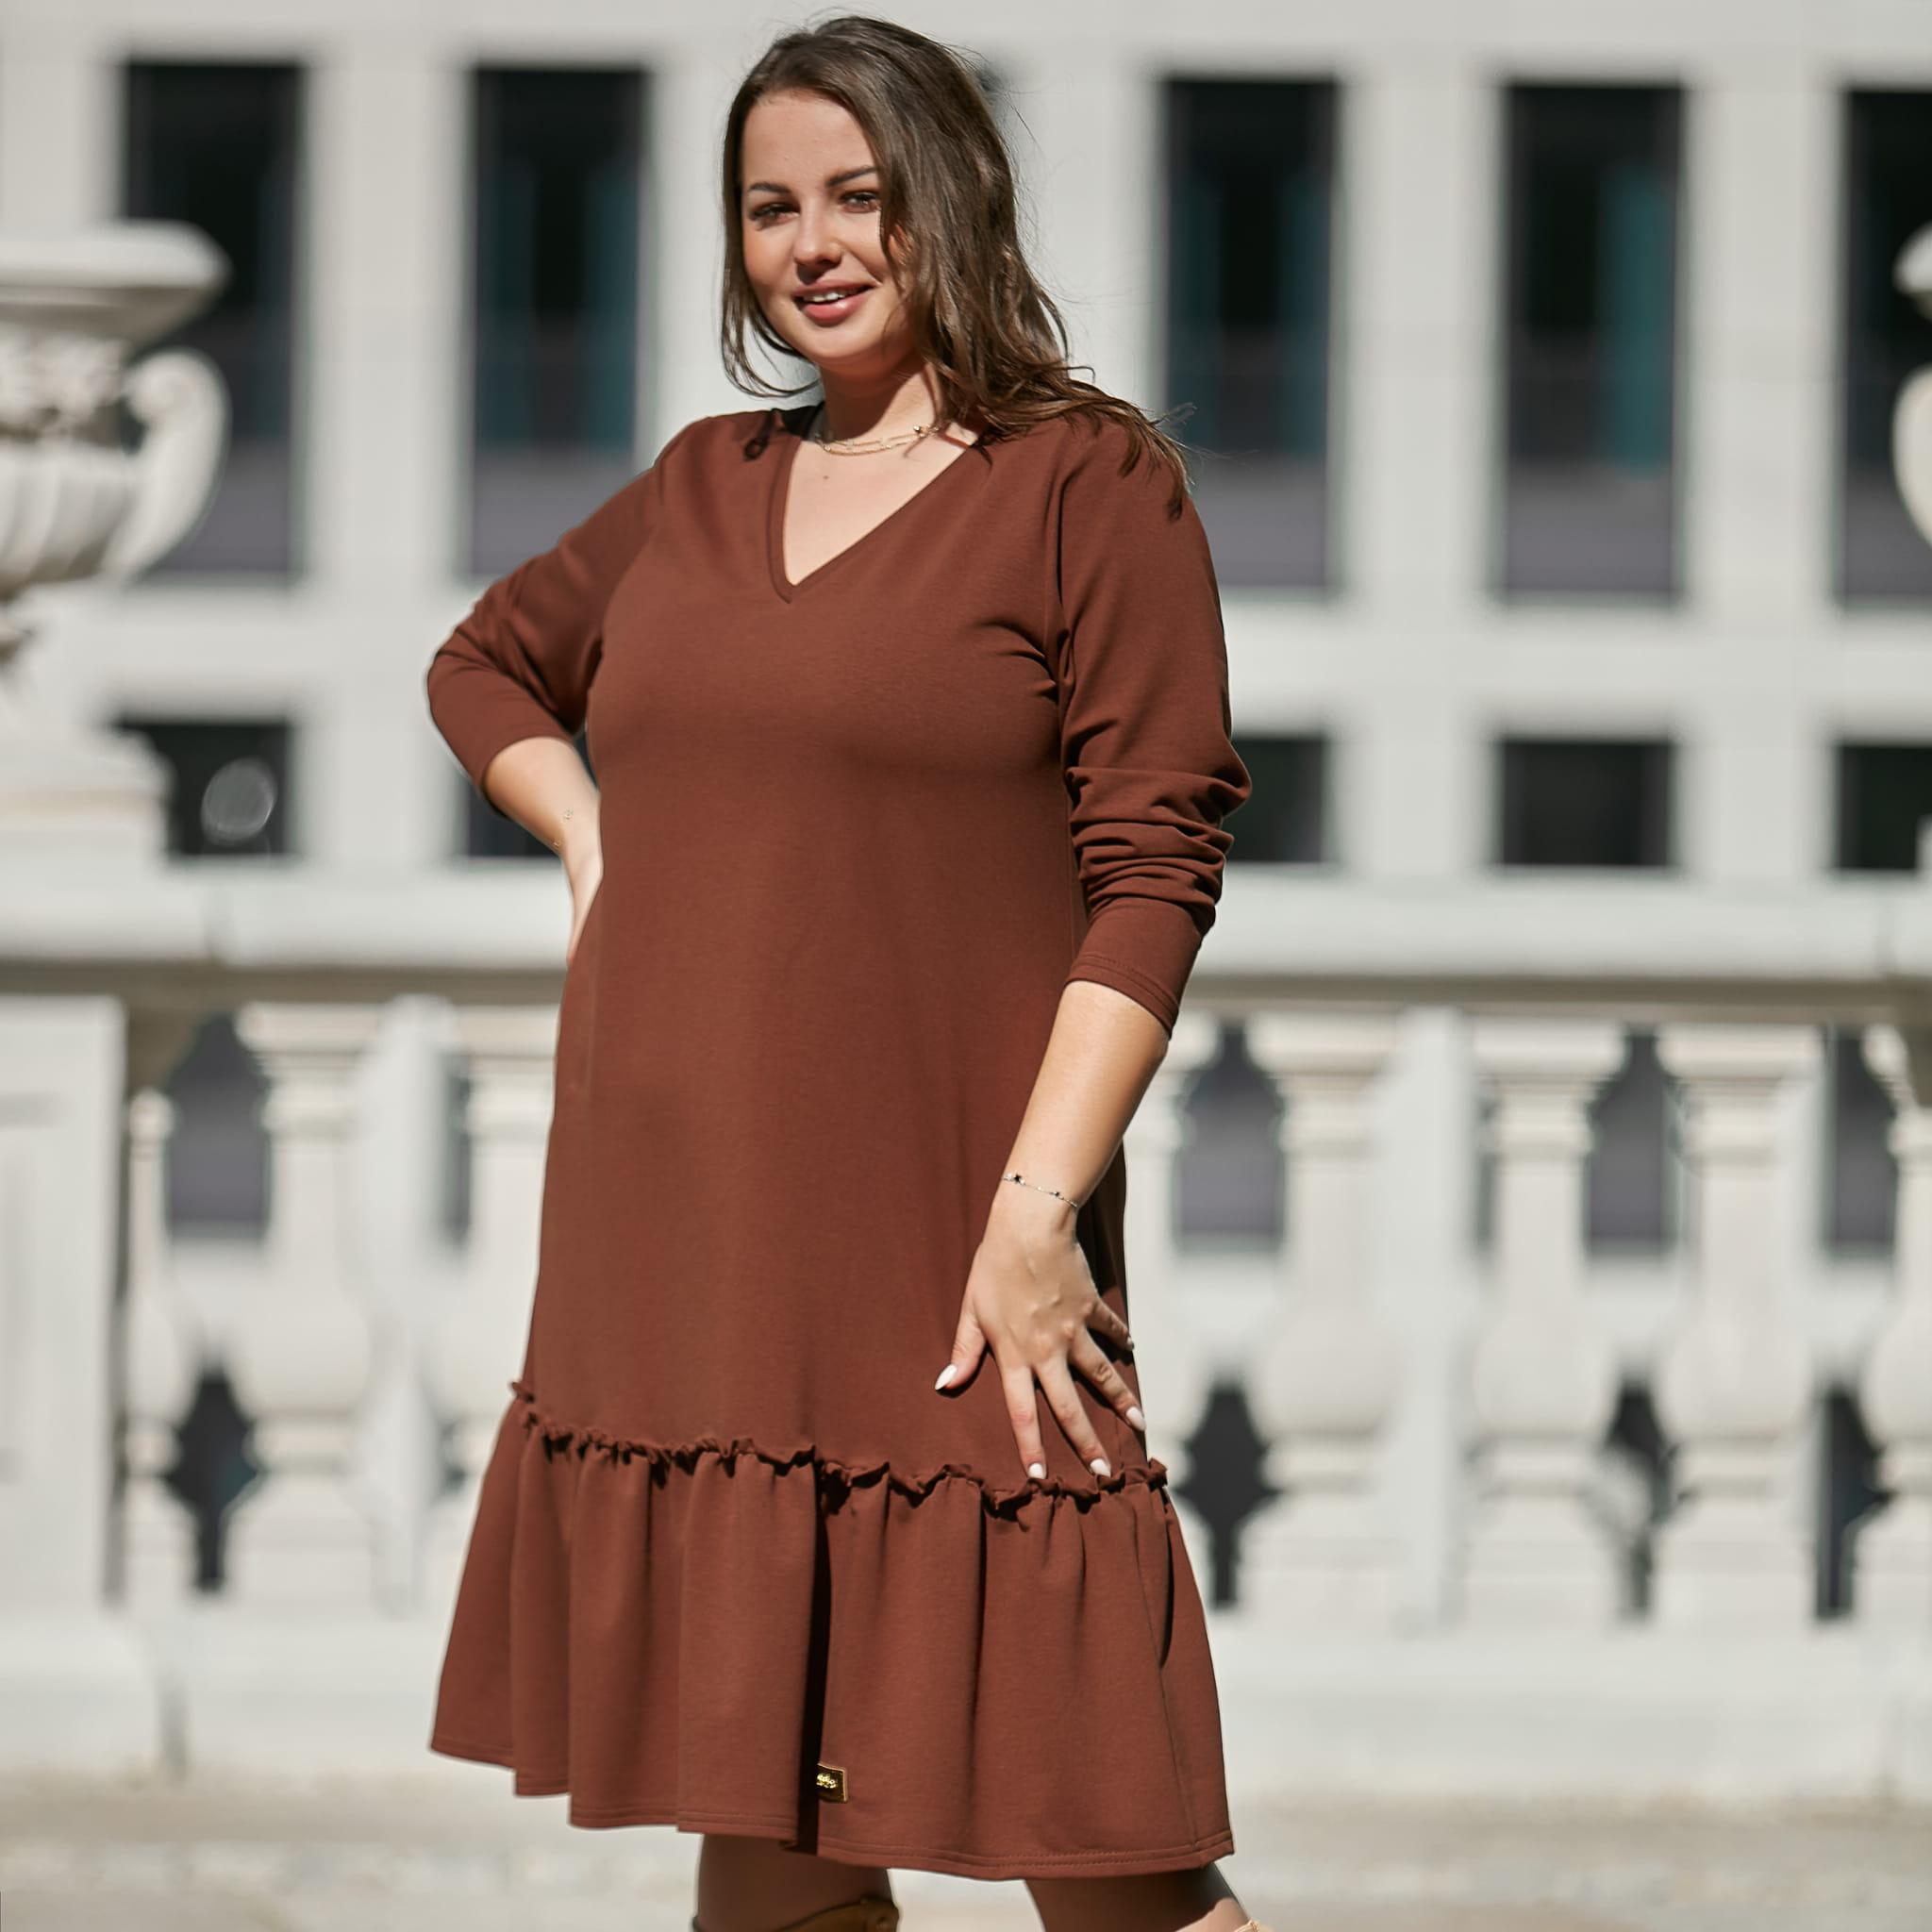 Brązowa sukienka Alicja z falbanką XXL OVERSIZE JESIEŃ rozmiar 52 – Moda Size Plus